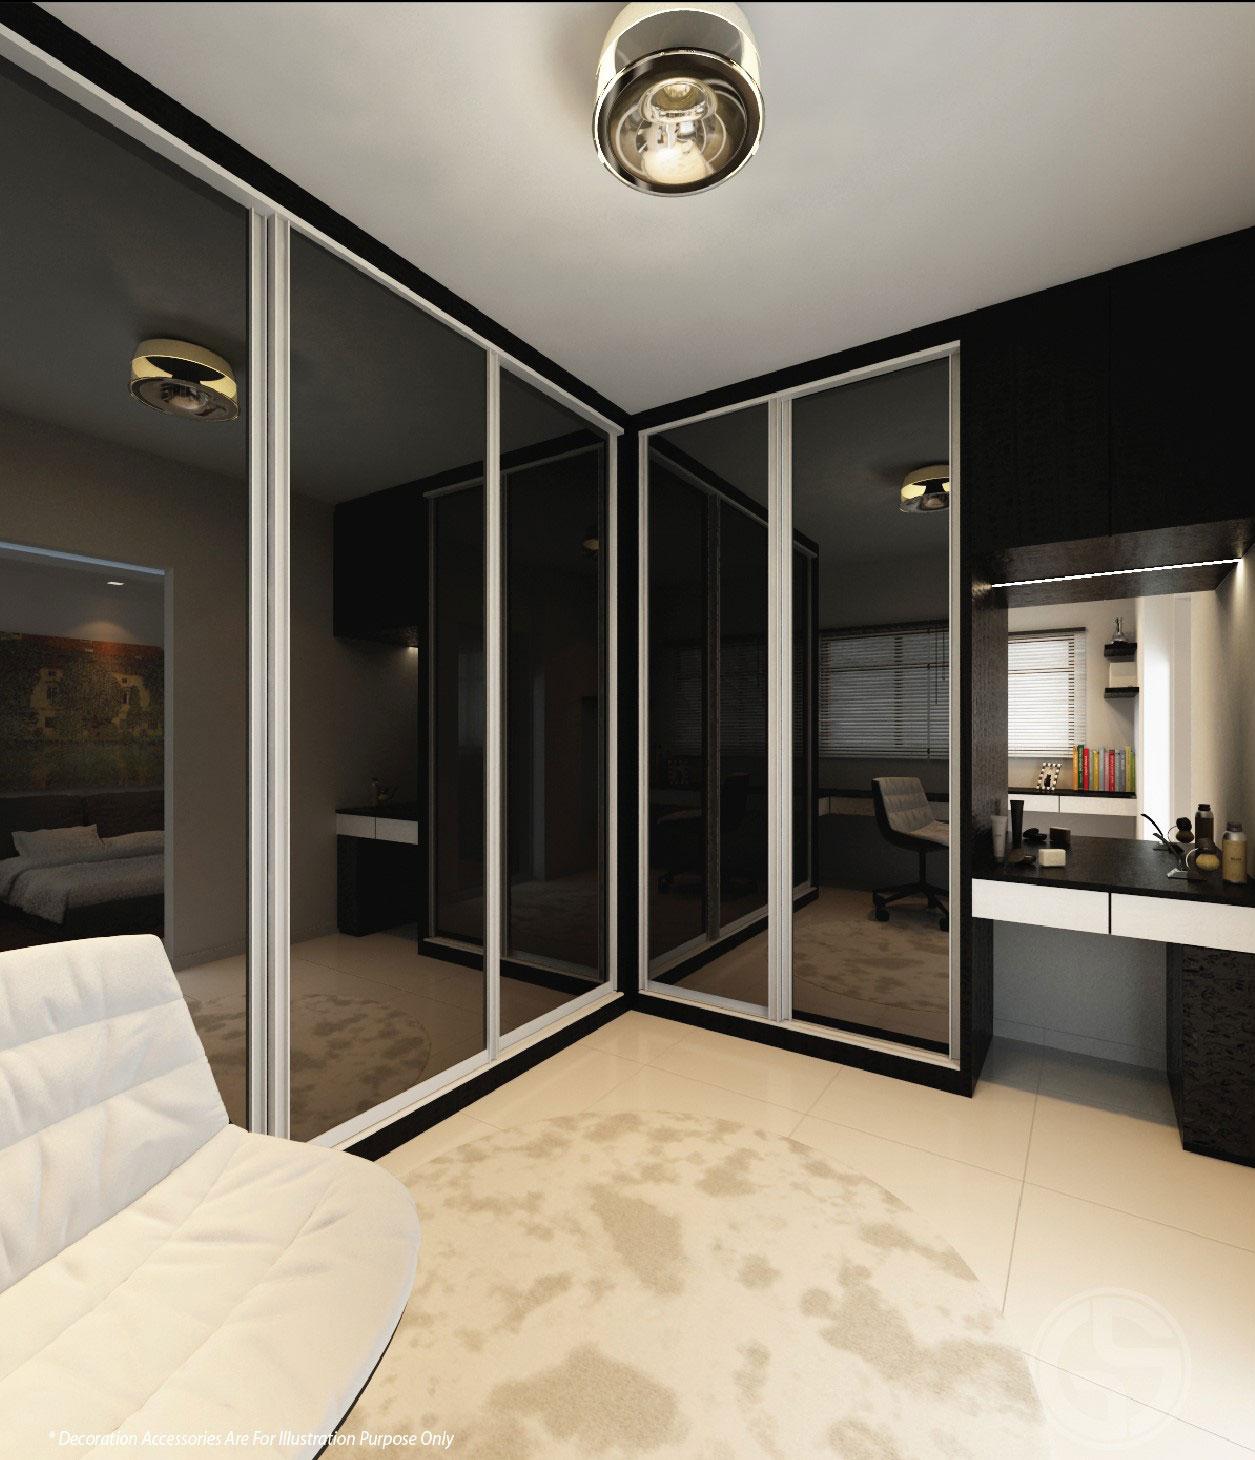 Interior Design For Hdb At Ang Mo Kio Avenue 1: 673A-Edge-Field-Plains-8